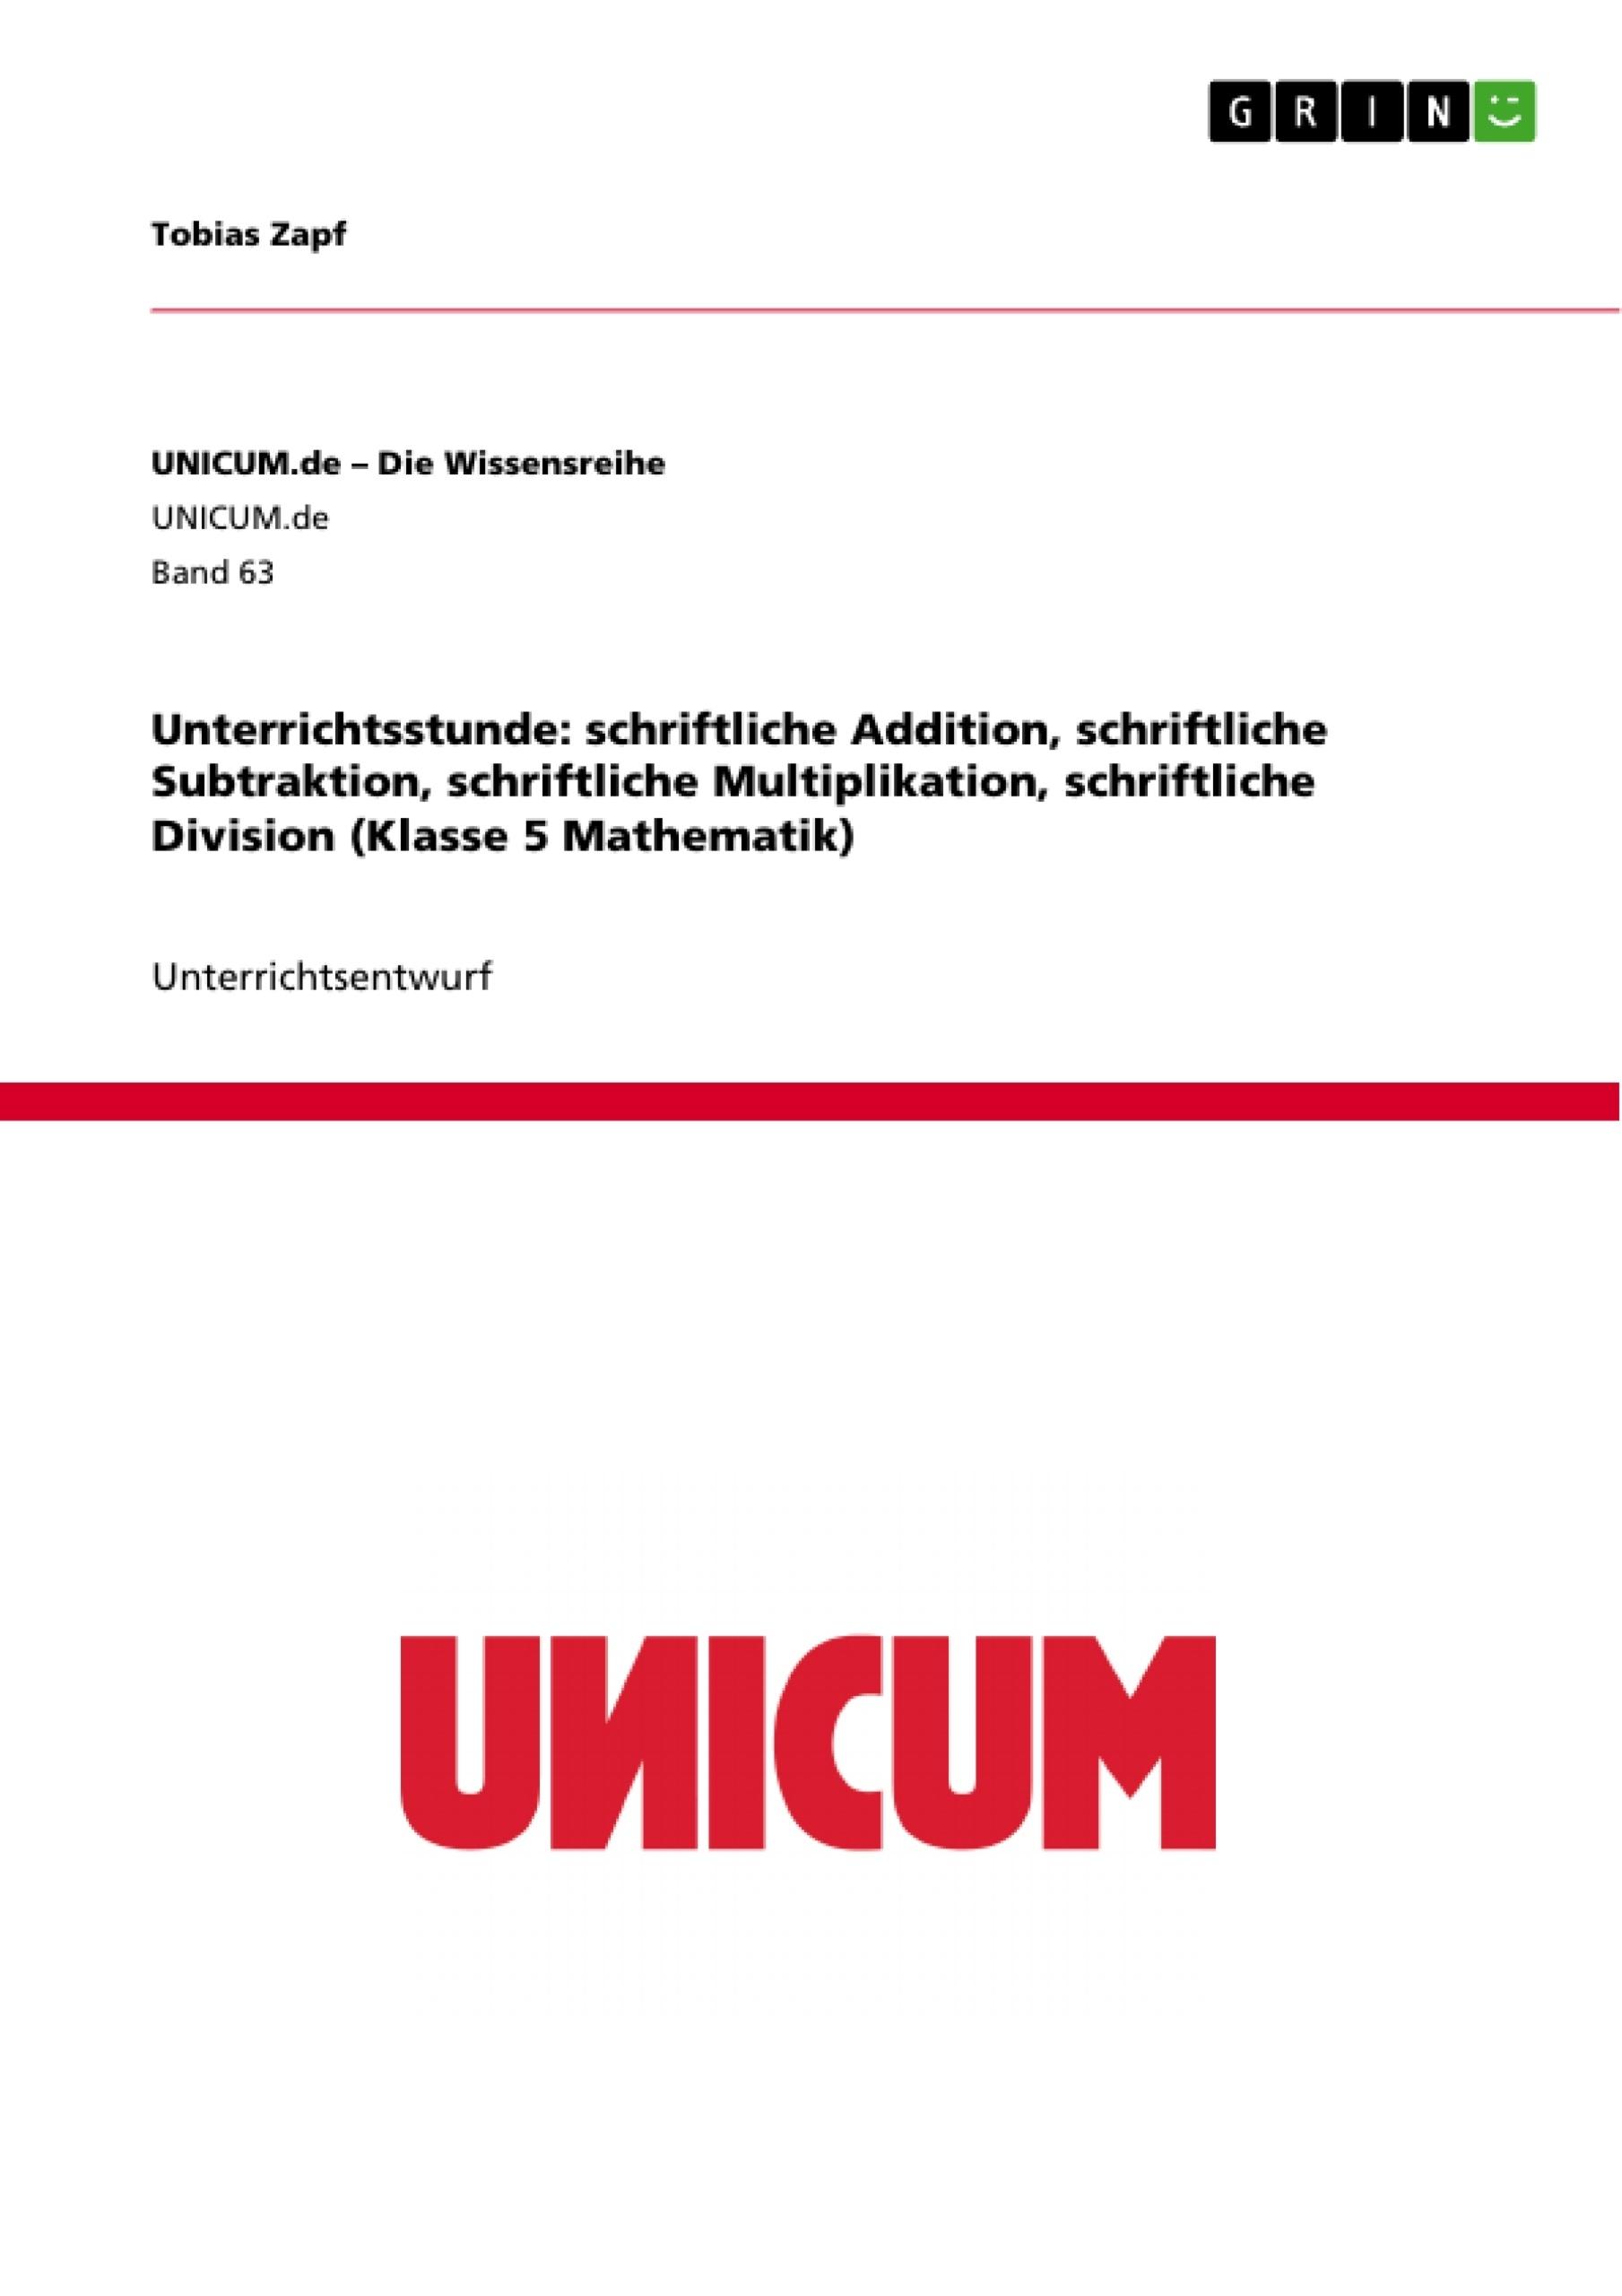 Titel: Unterrichtsstunde: schriftliche Addition, schriftliche Subtraktion, schriftliche Multiplikation, schriftliche Division (Klasse 5 Mathematik)